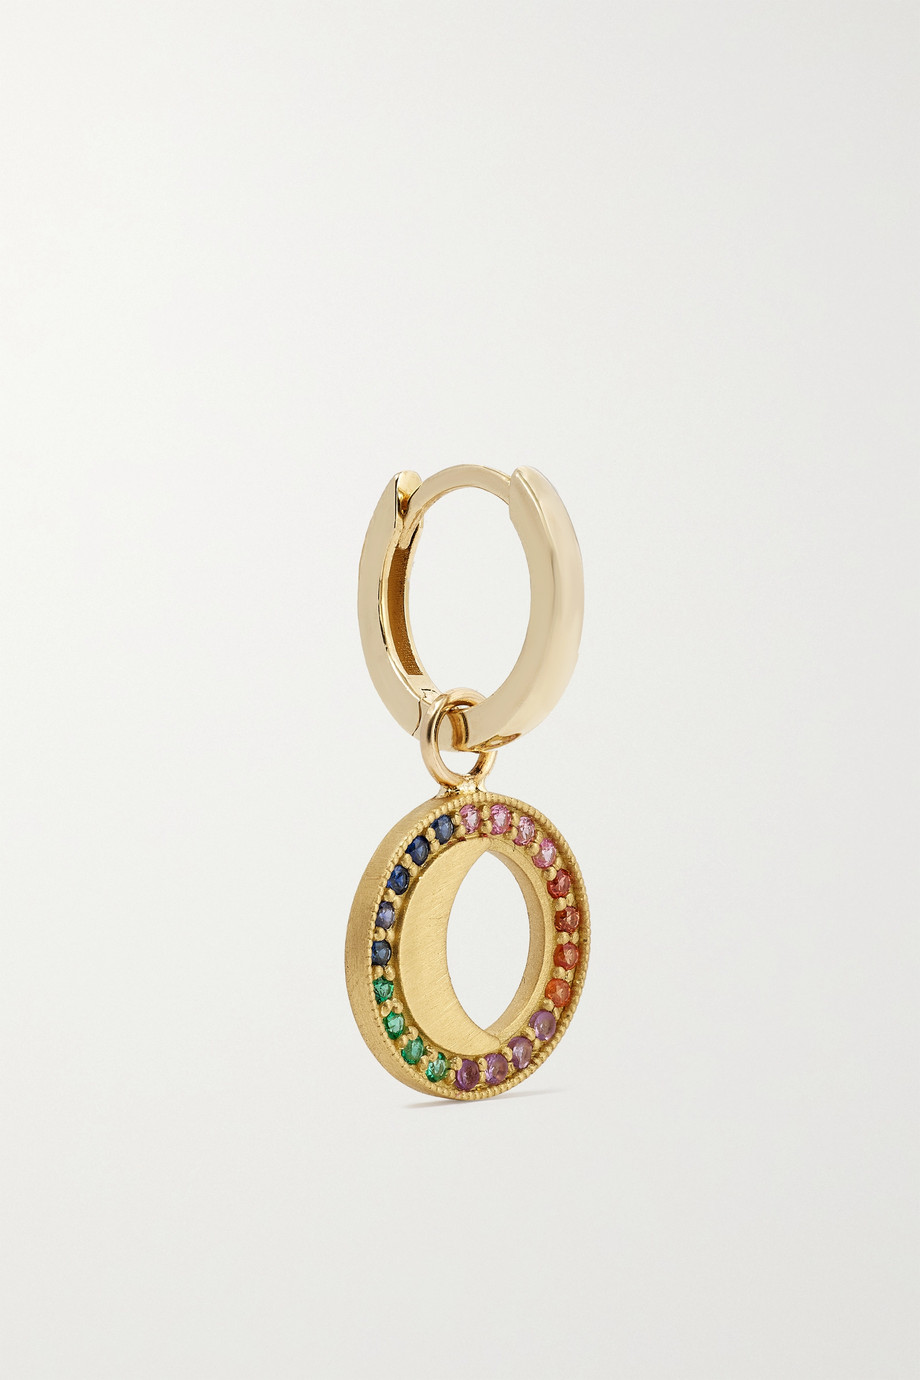 Andrea Fohrman Boucle d'oreille unique en or 18 carats (750/1000) et 14 carats (585/1000) et pierres multiples